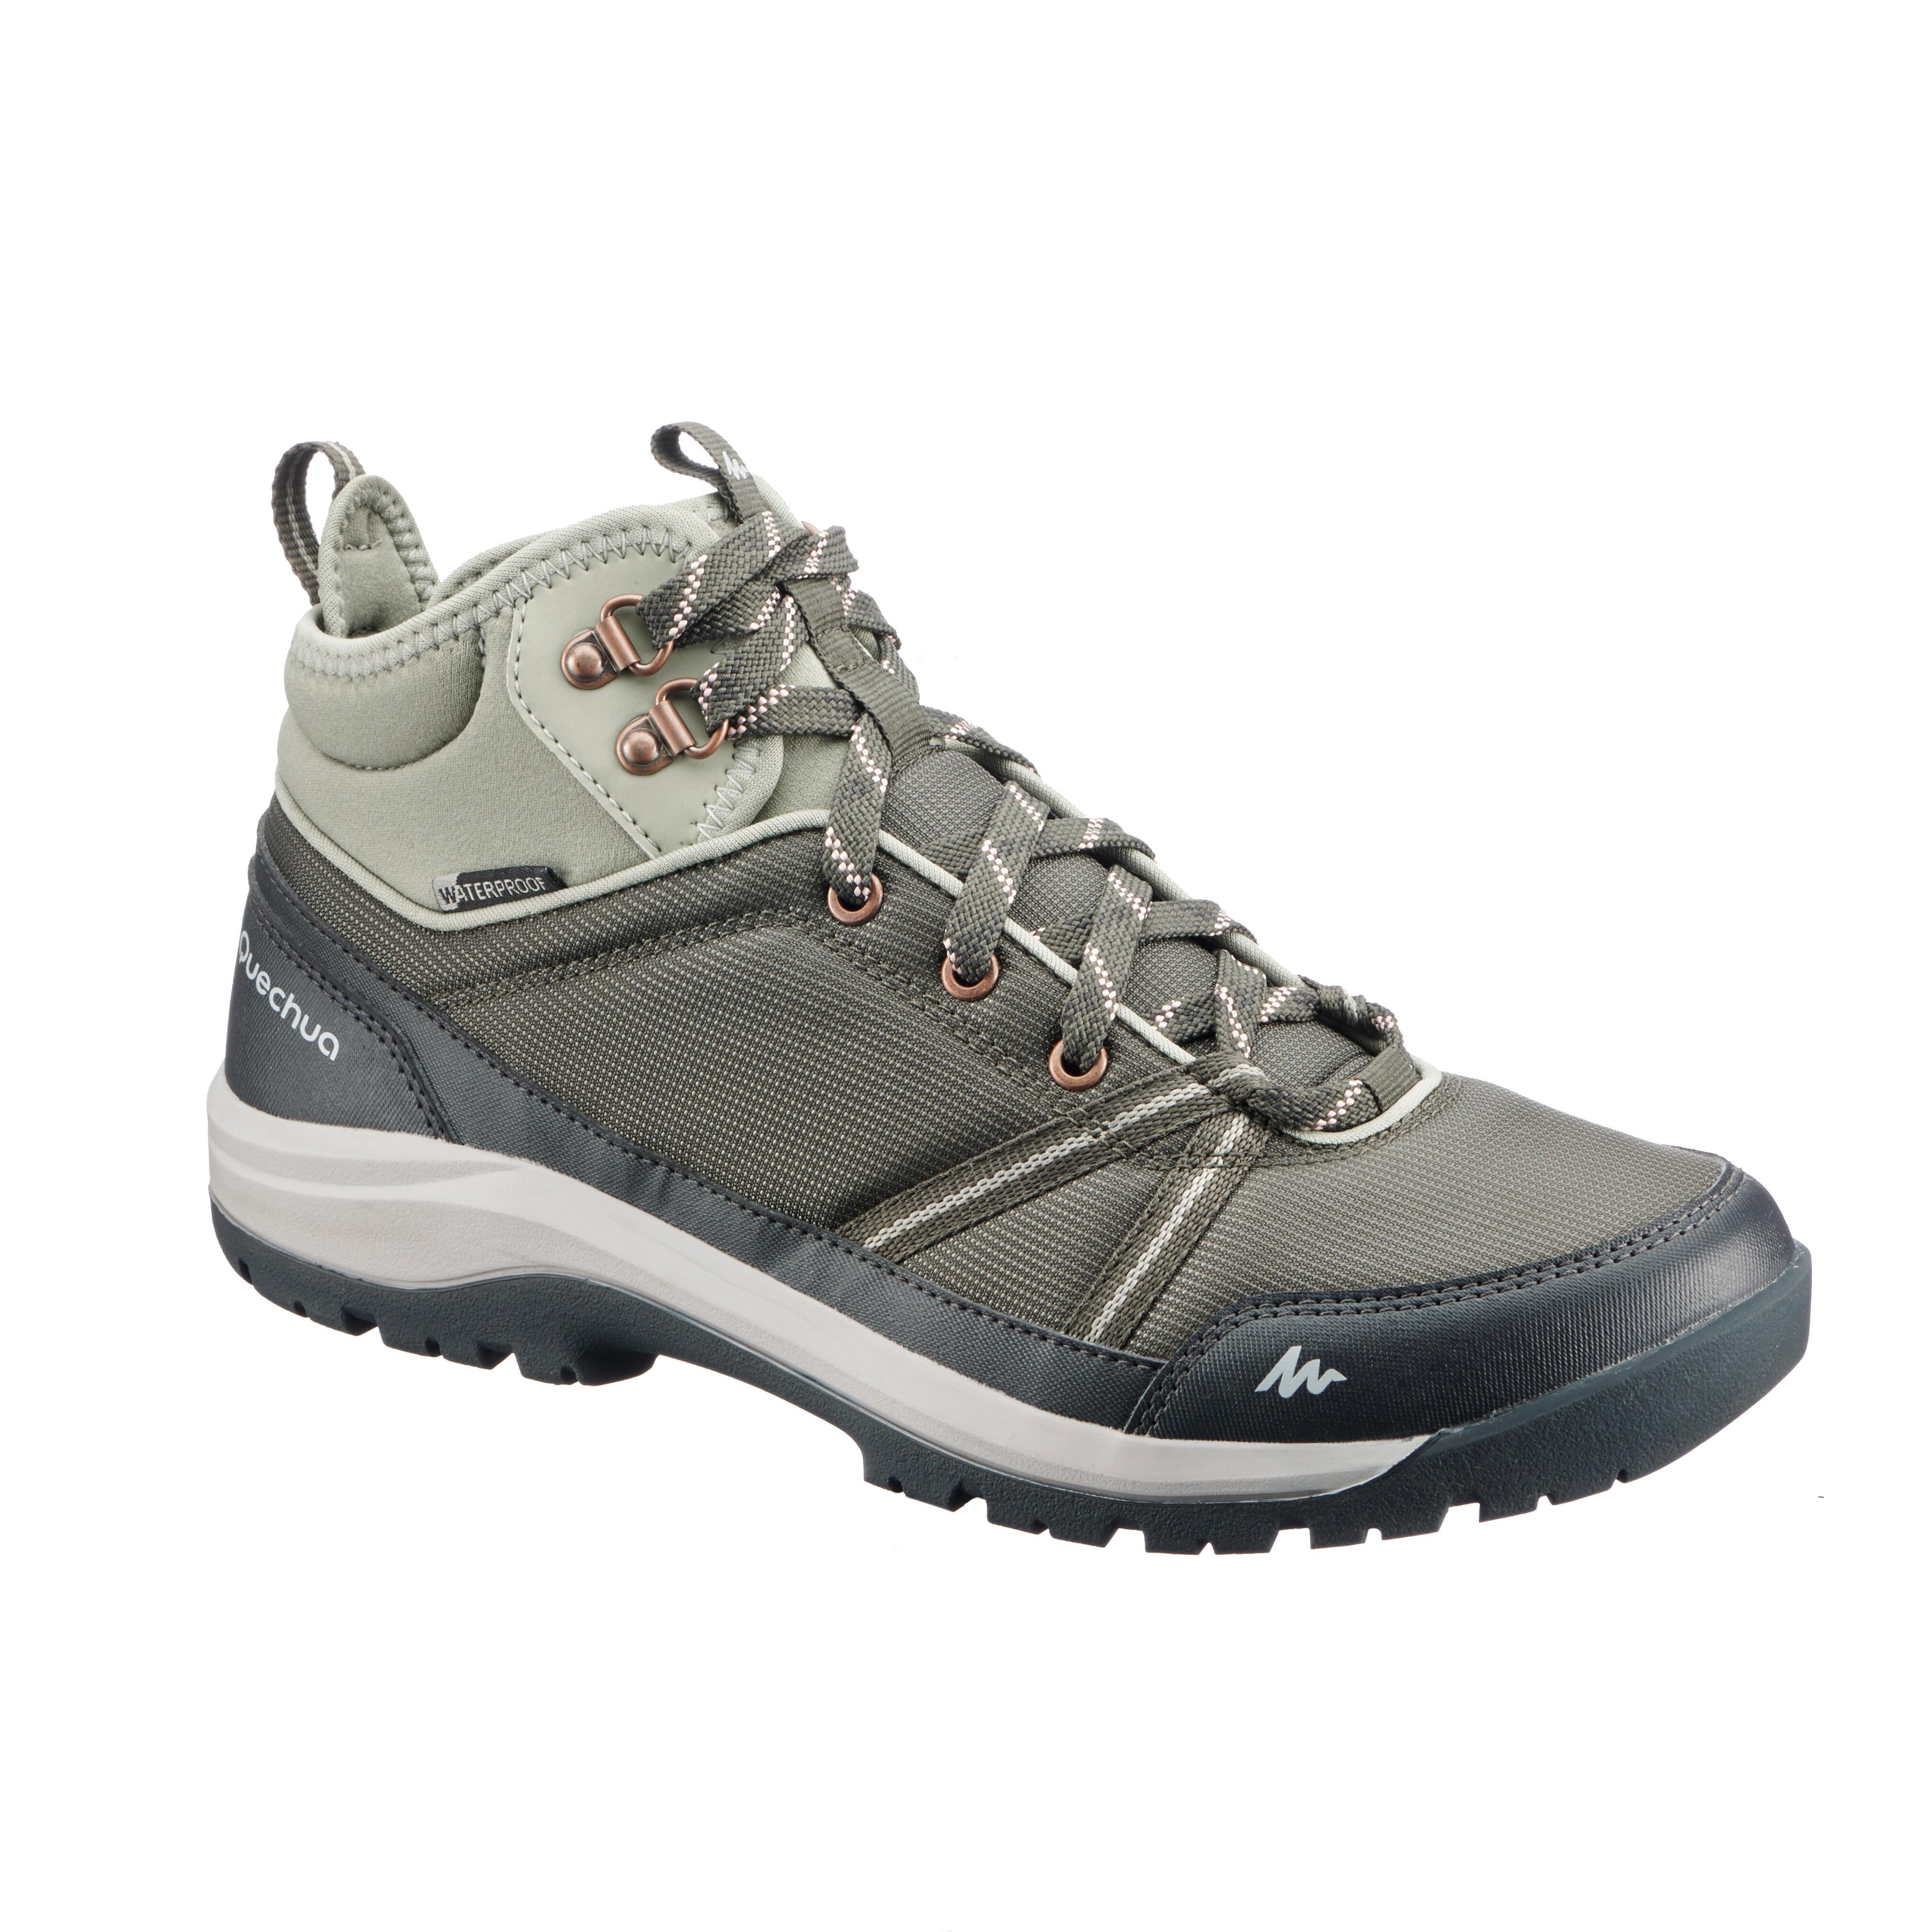 Quechua Schoenen voor wandelen in de natuur NH150 mid Protect kaki dames